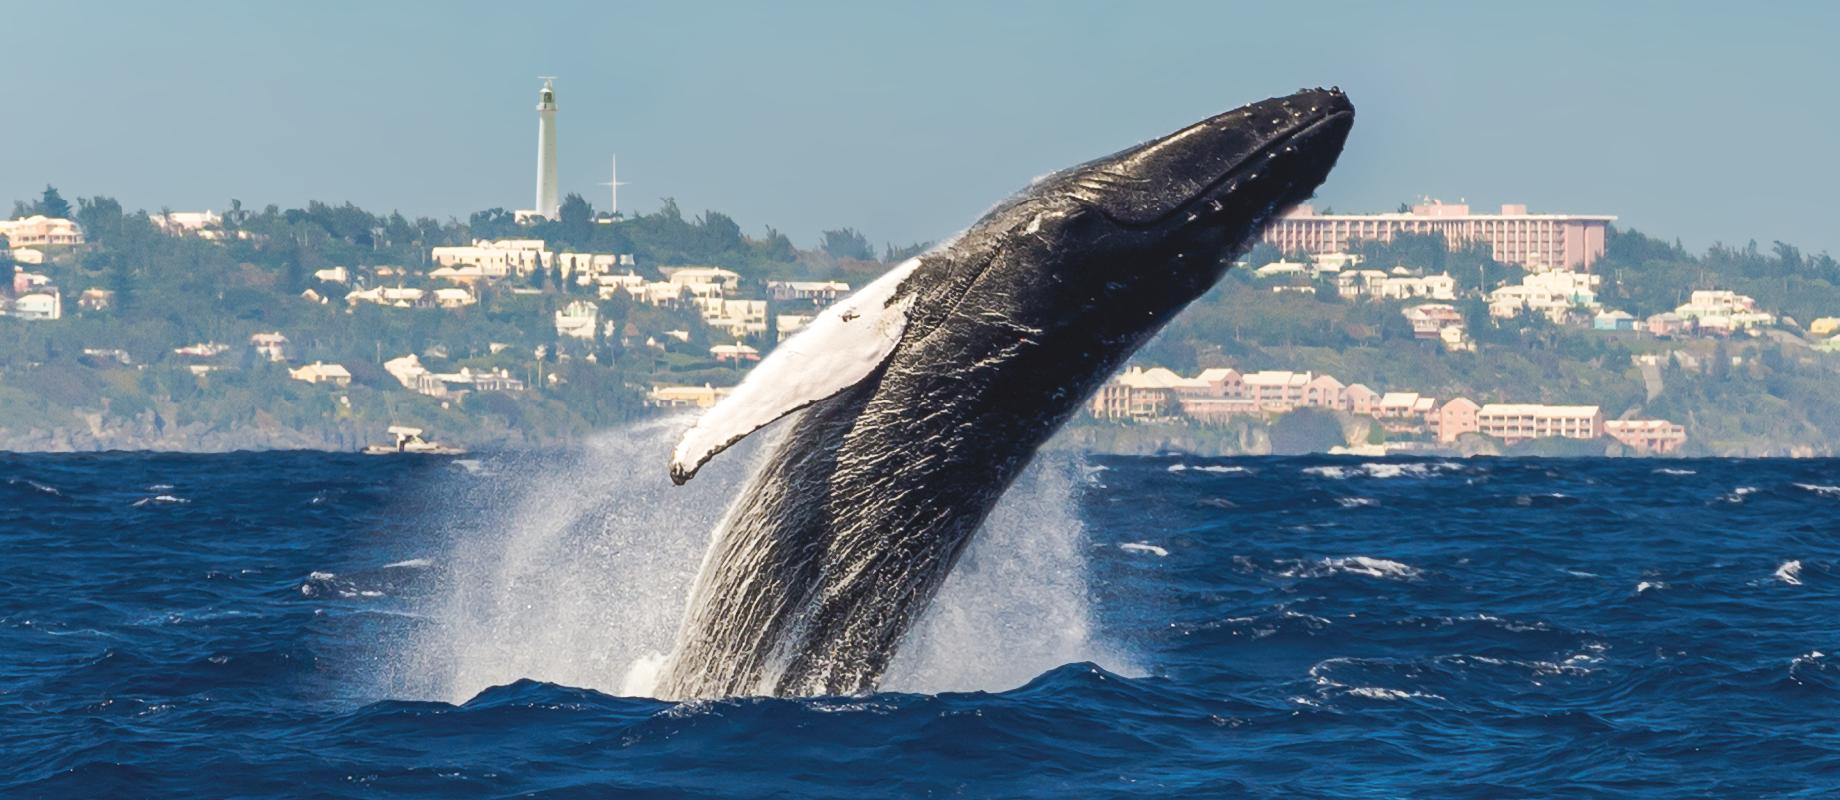 whale@2x